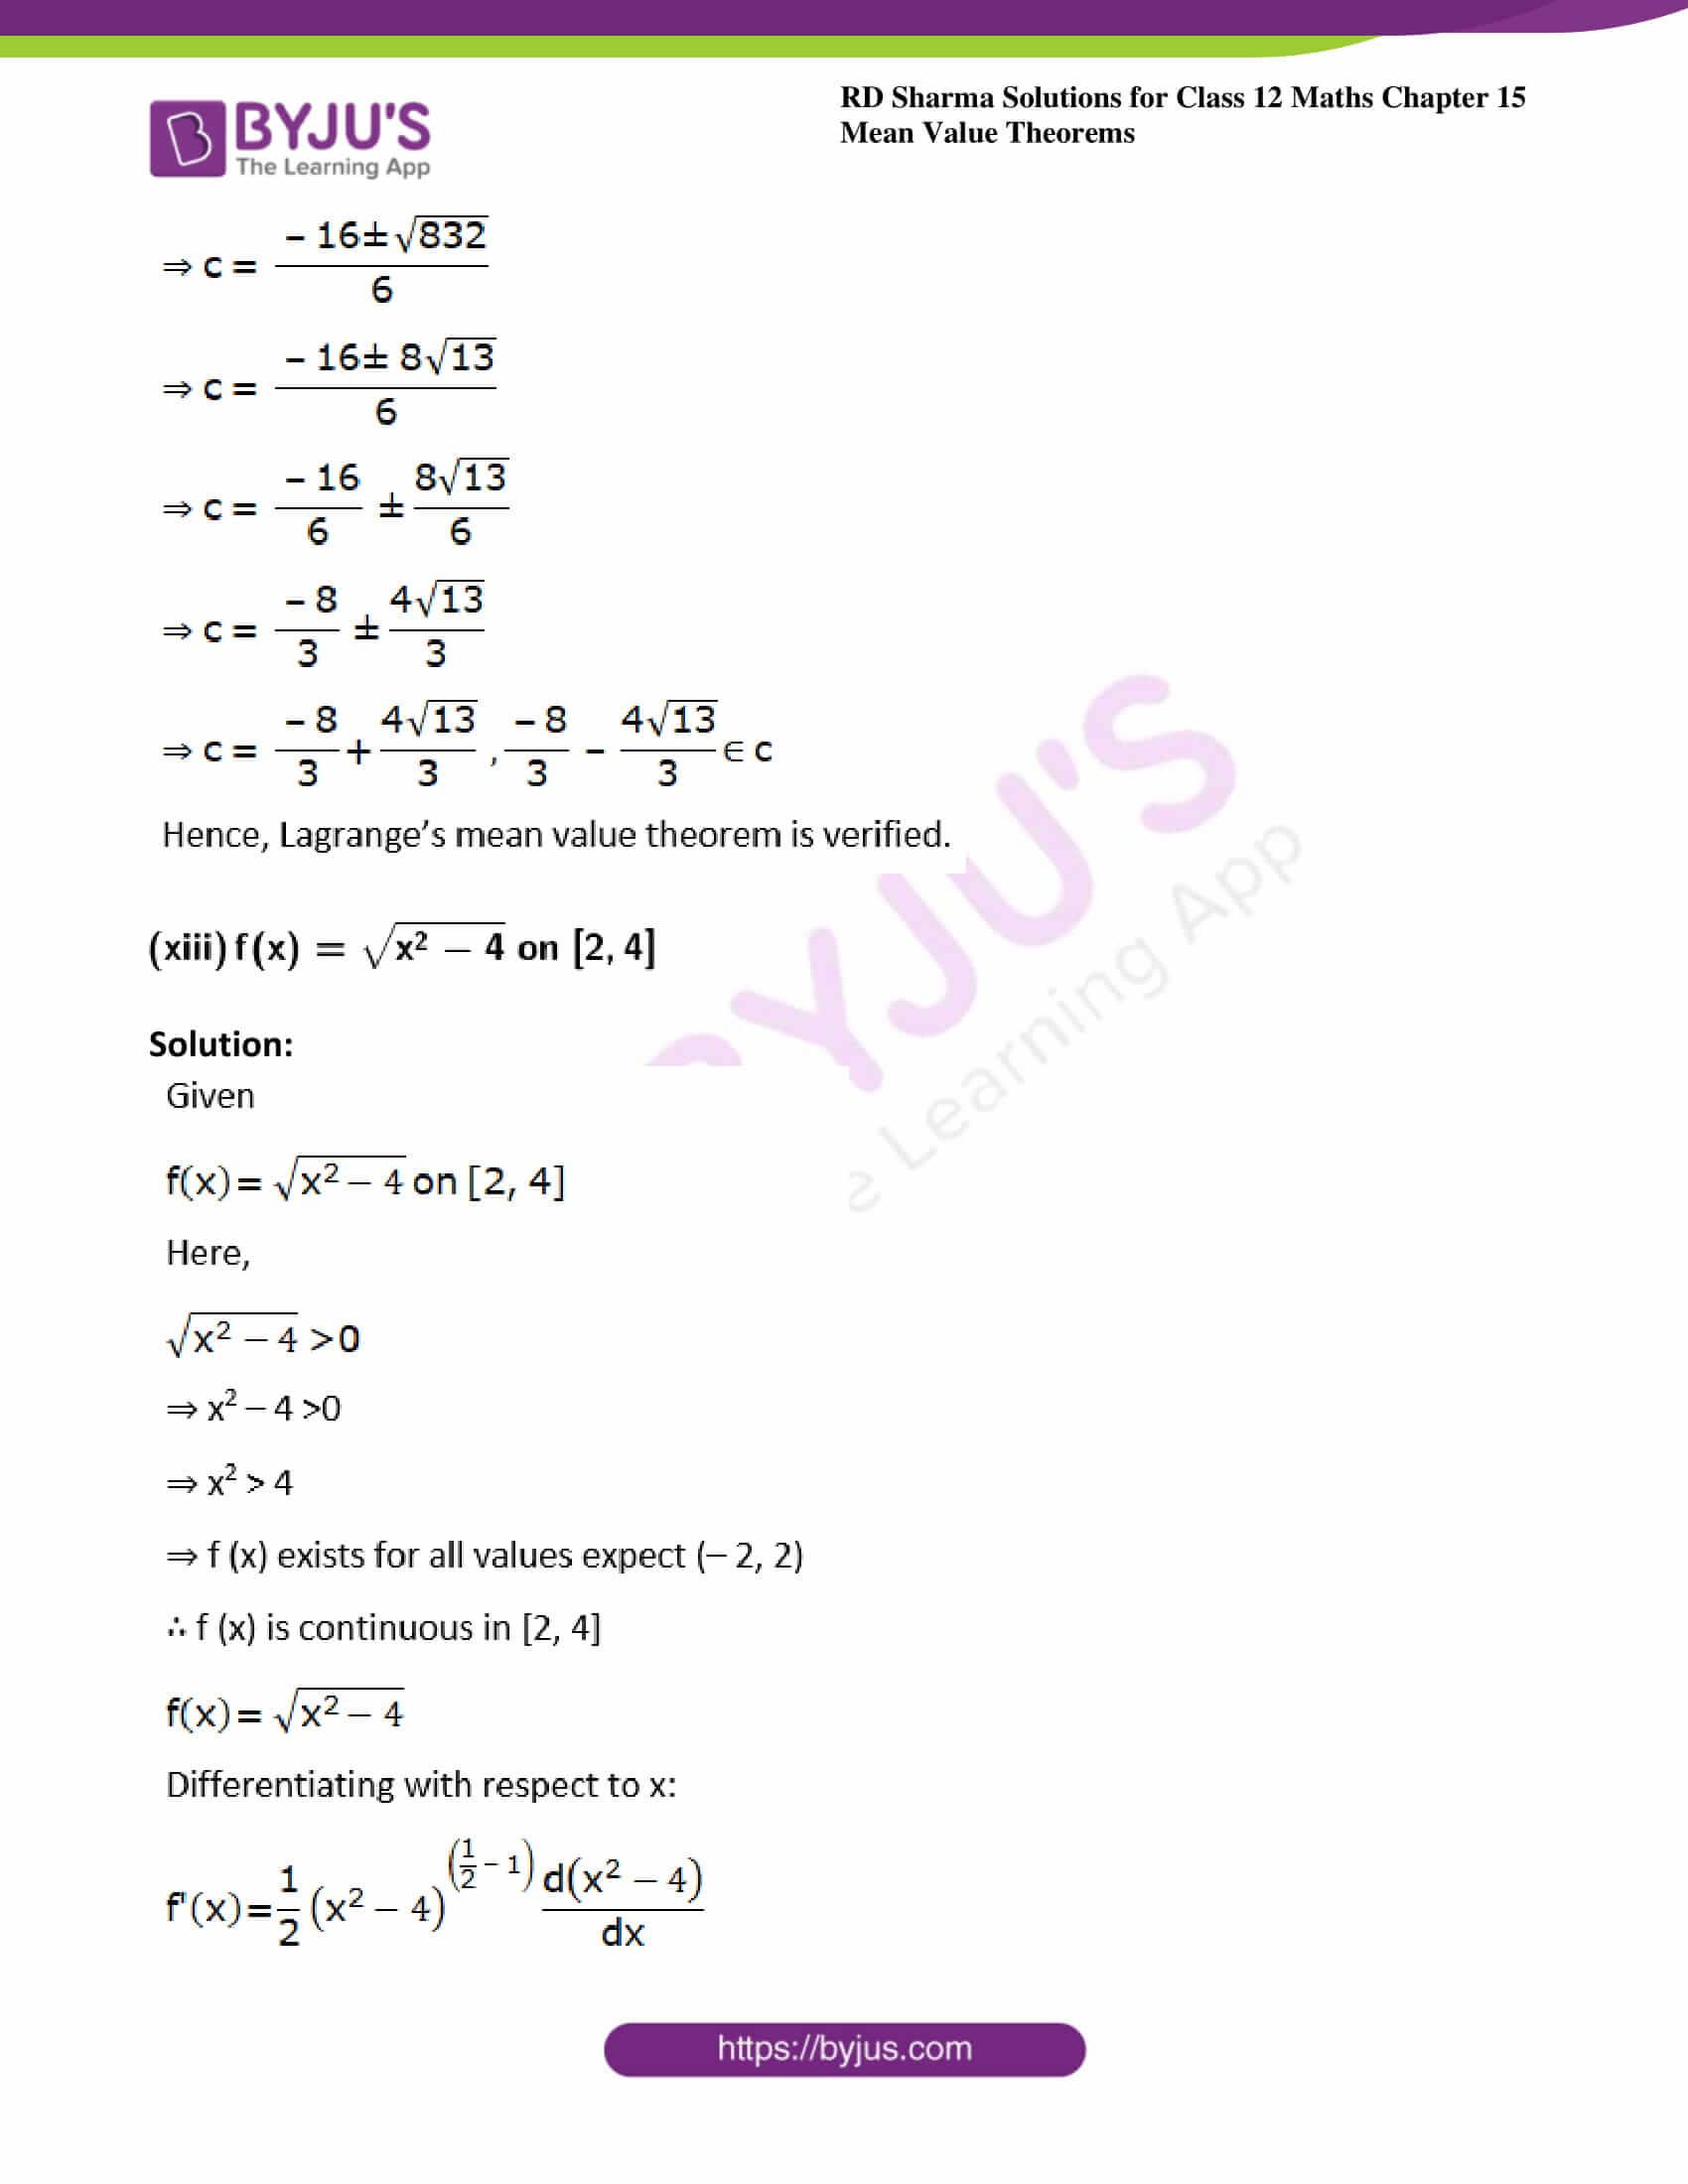 rd sharma class 12 maths solutions chapter 15 ex 2 19